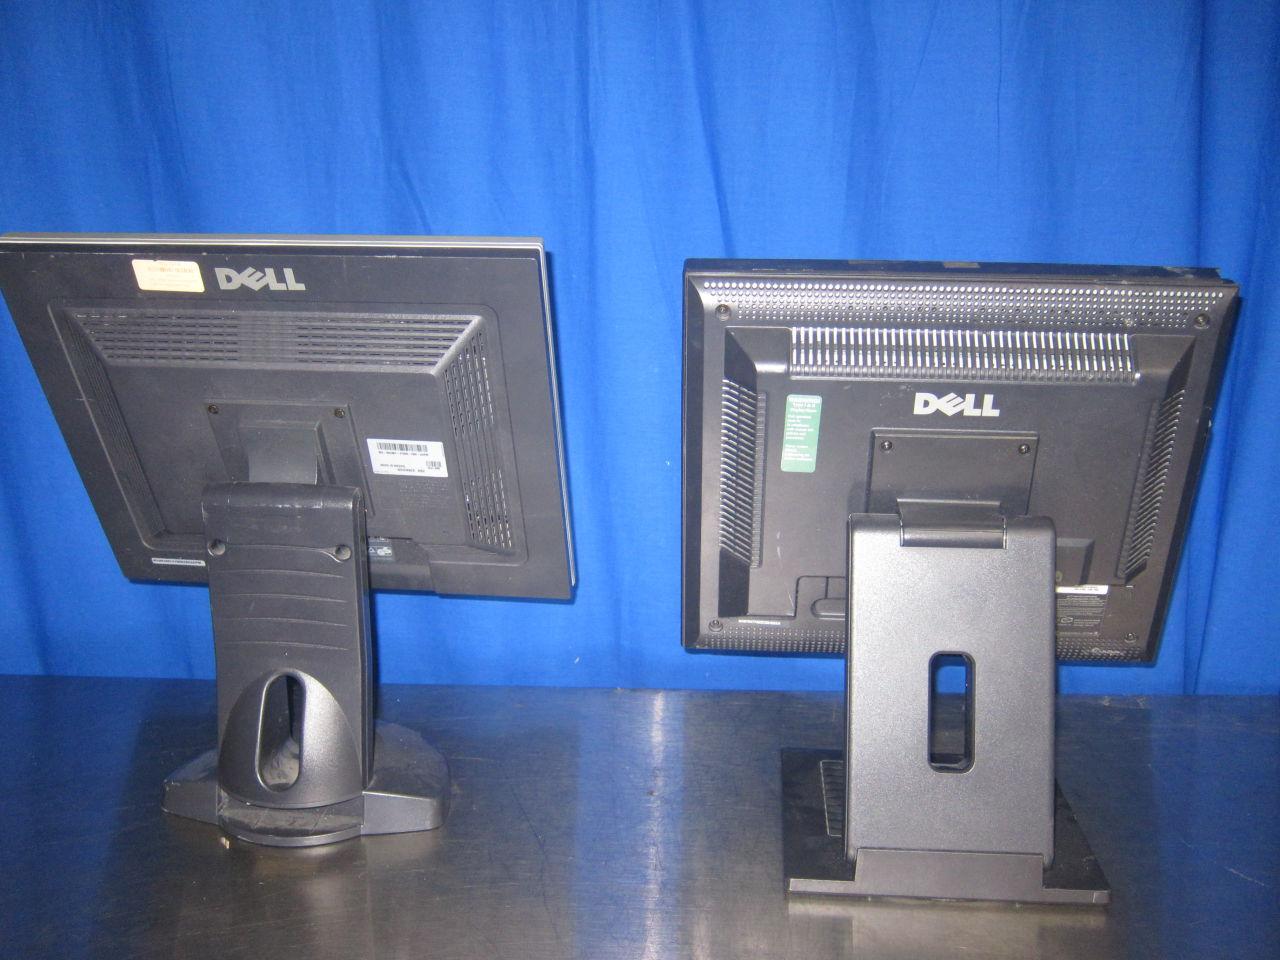 DELL Ultrasharp LCD Monitor  - Lot of 2 Display Monitor